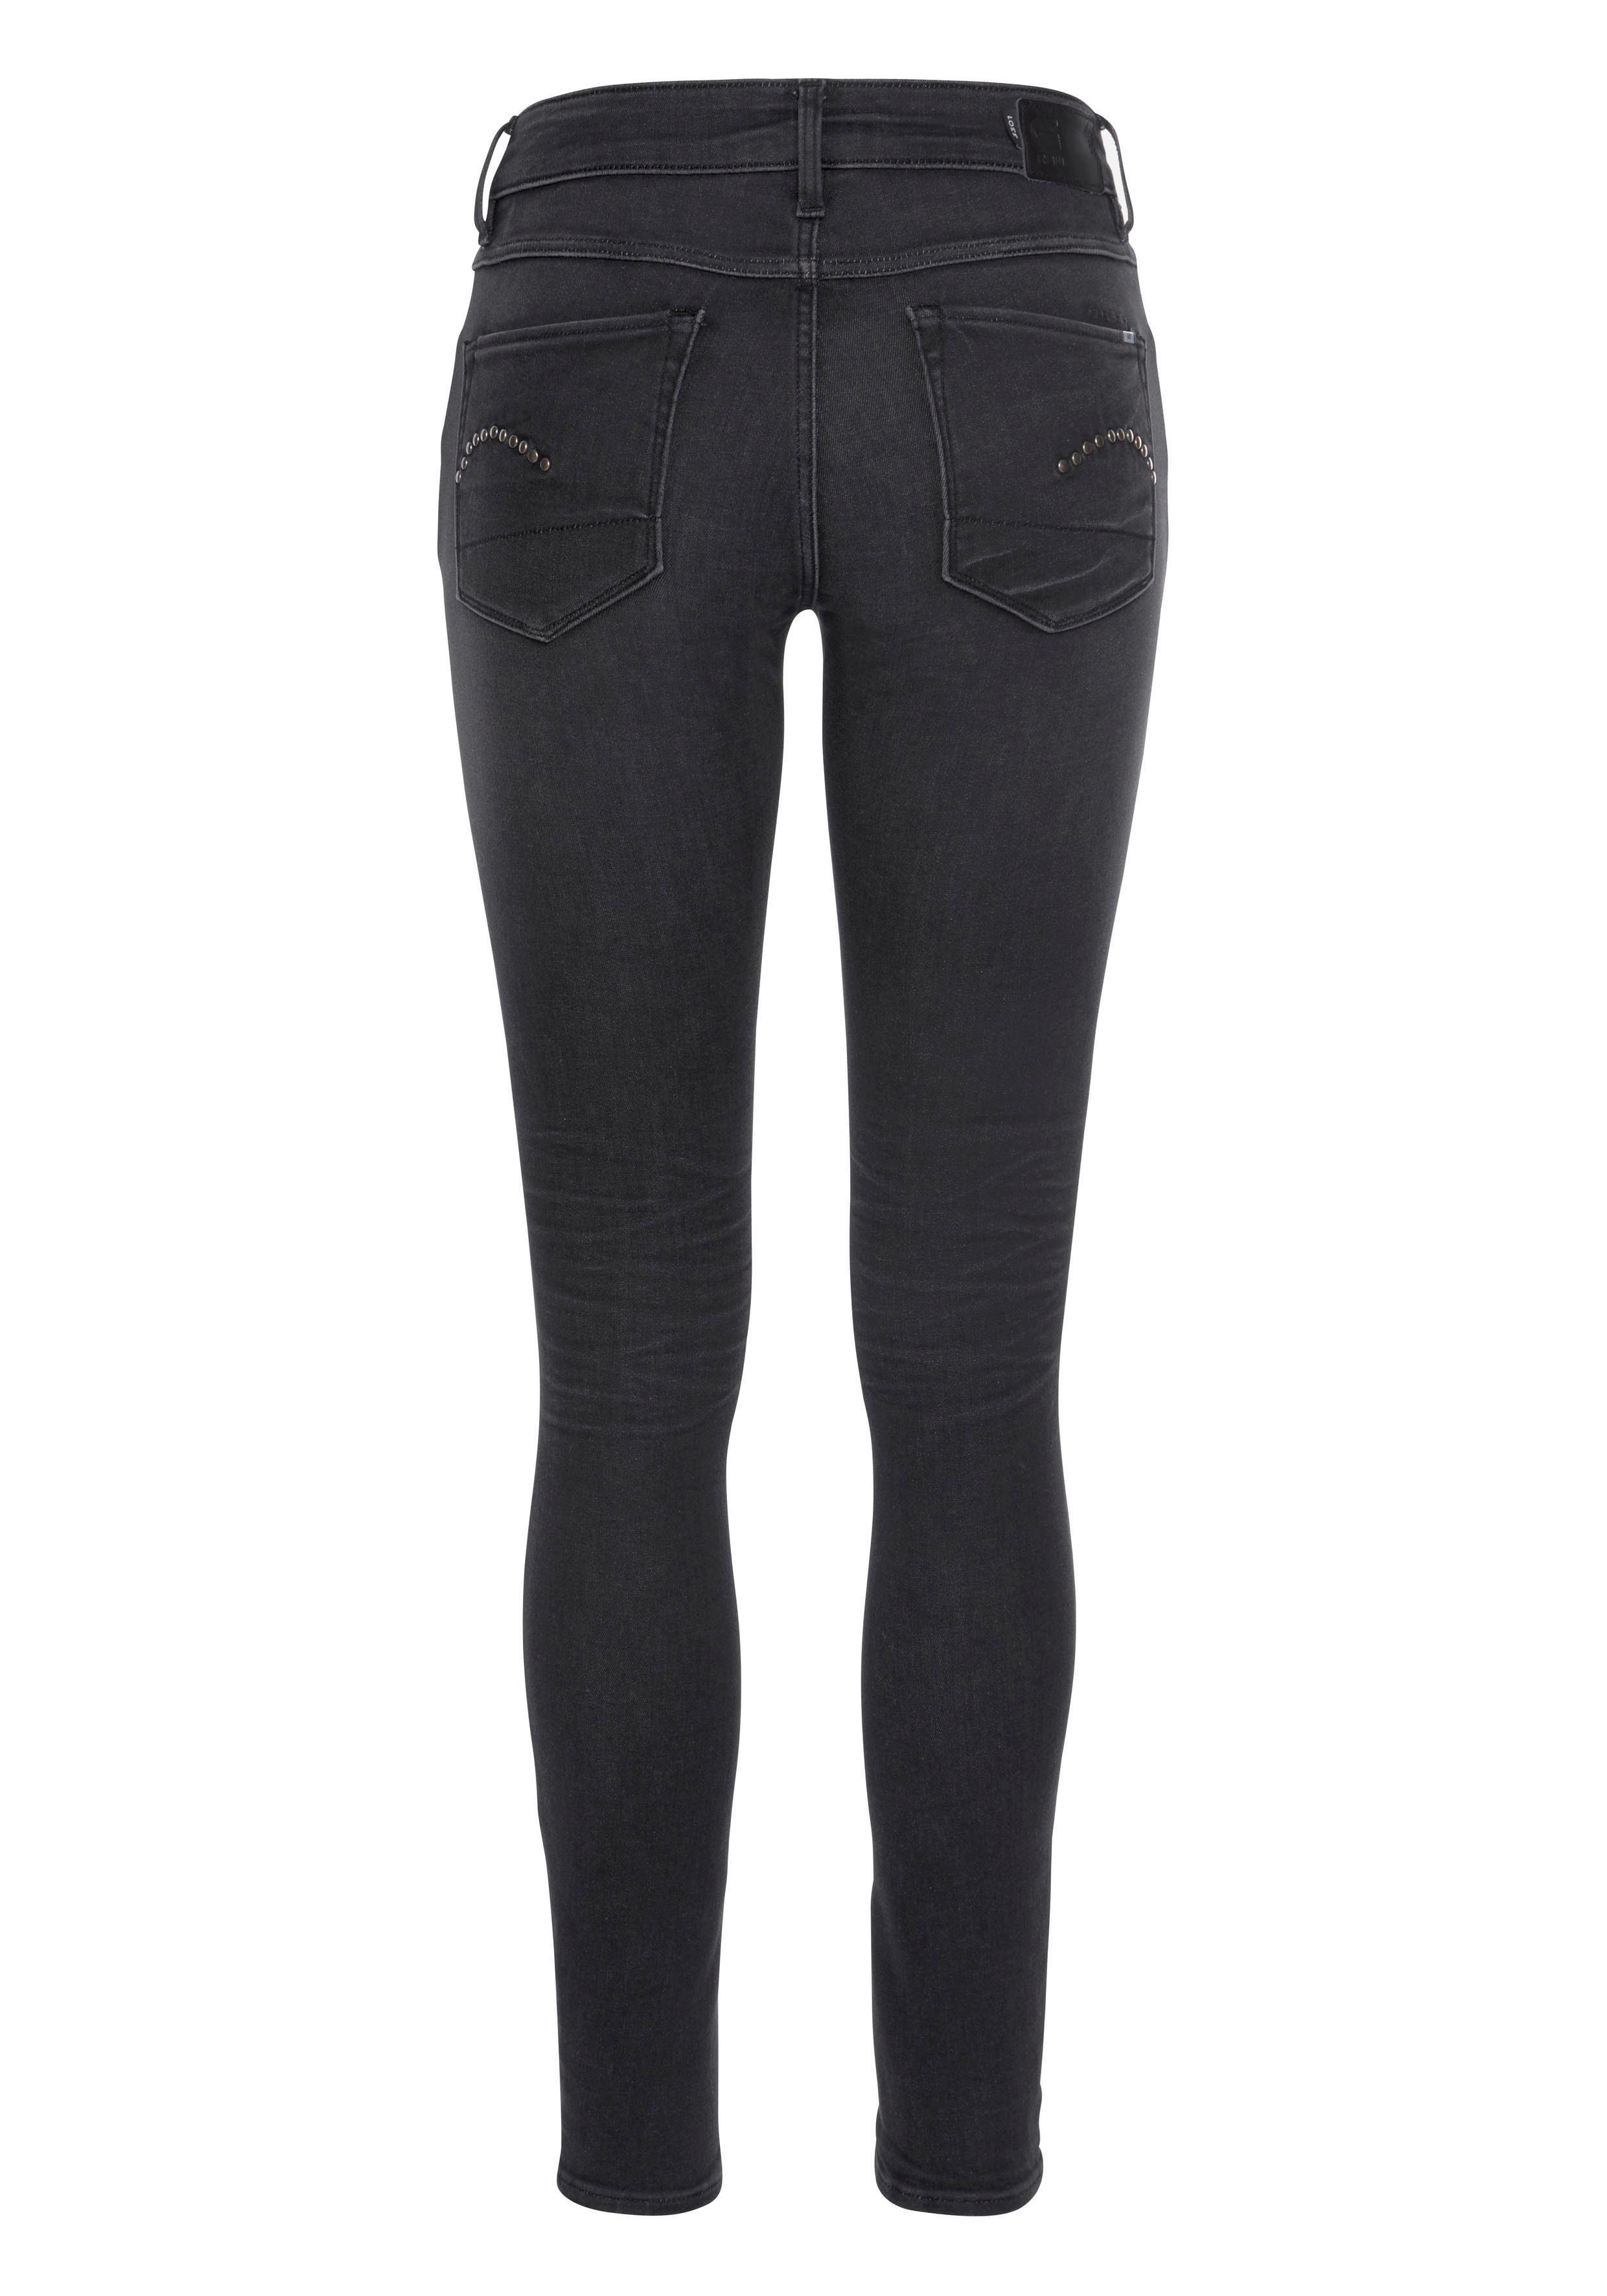 Mit Raw Nieten Kaufen »3301 jeans Studs Skinny 5 Online pocket Wmn« Mid Gesäßtaschen Den An G star EbHeWYDI29